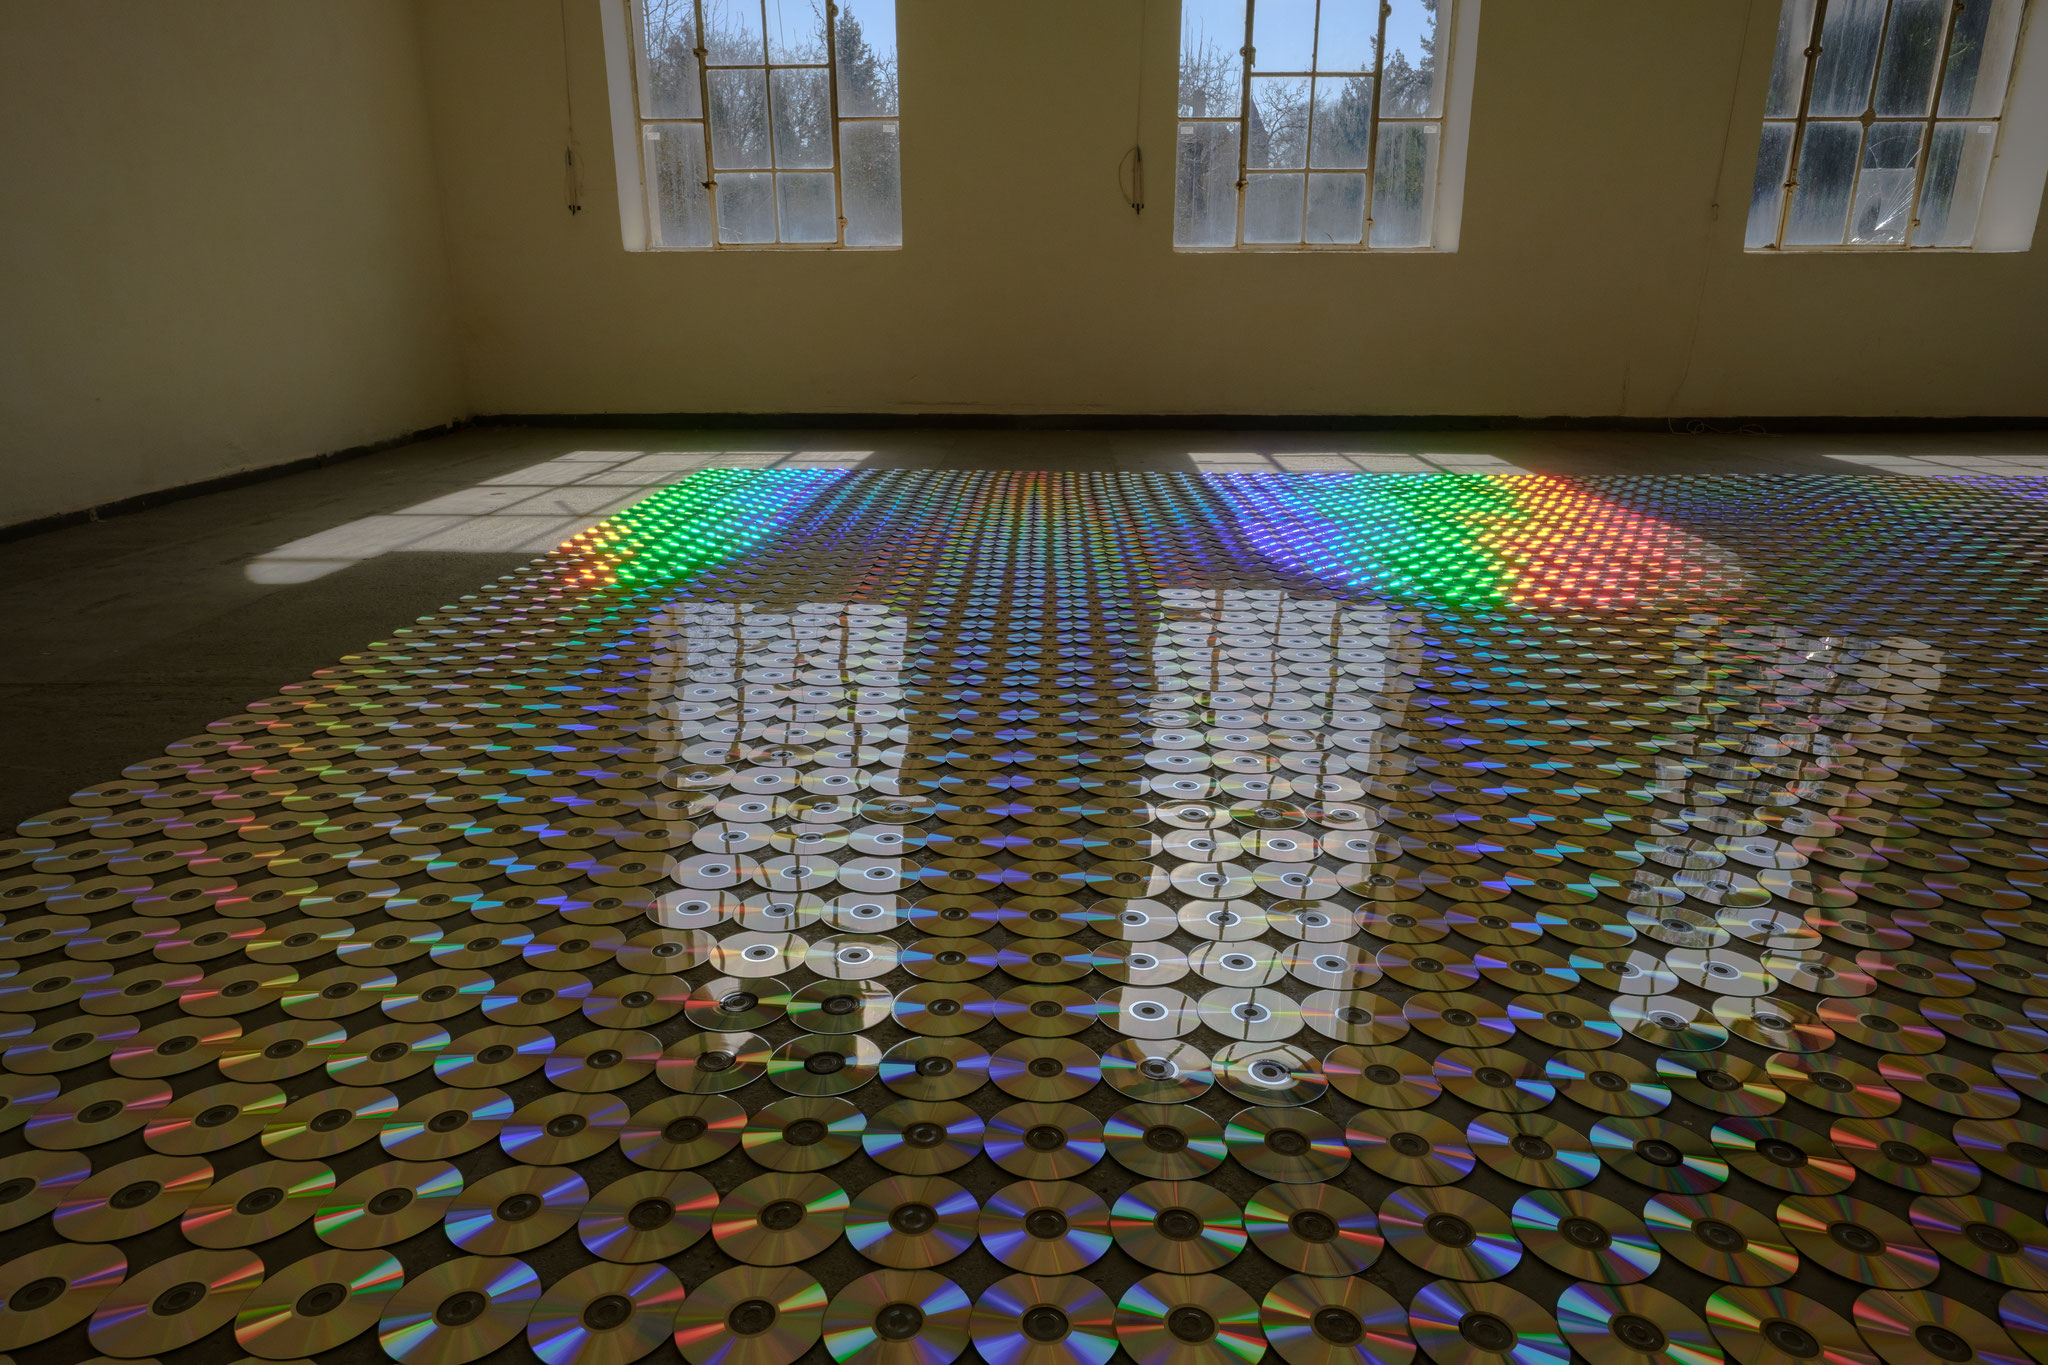 Installation (c) Detlef Schweiger http://schweigwerk.de/